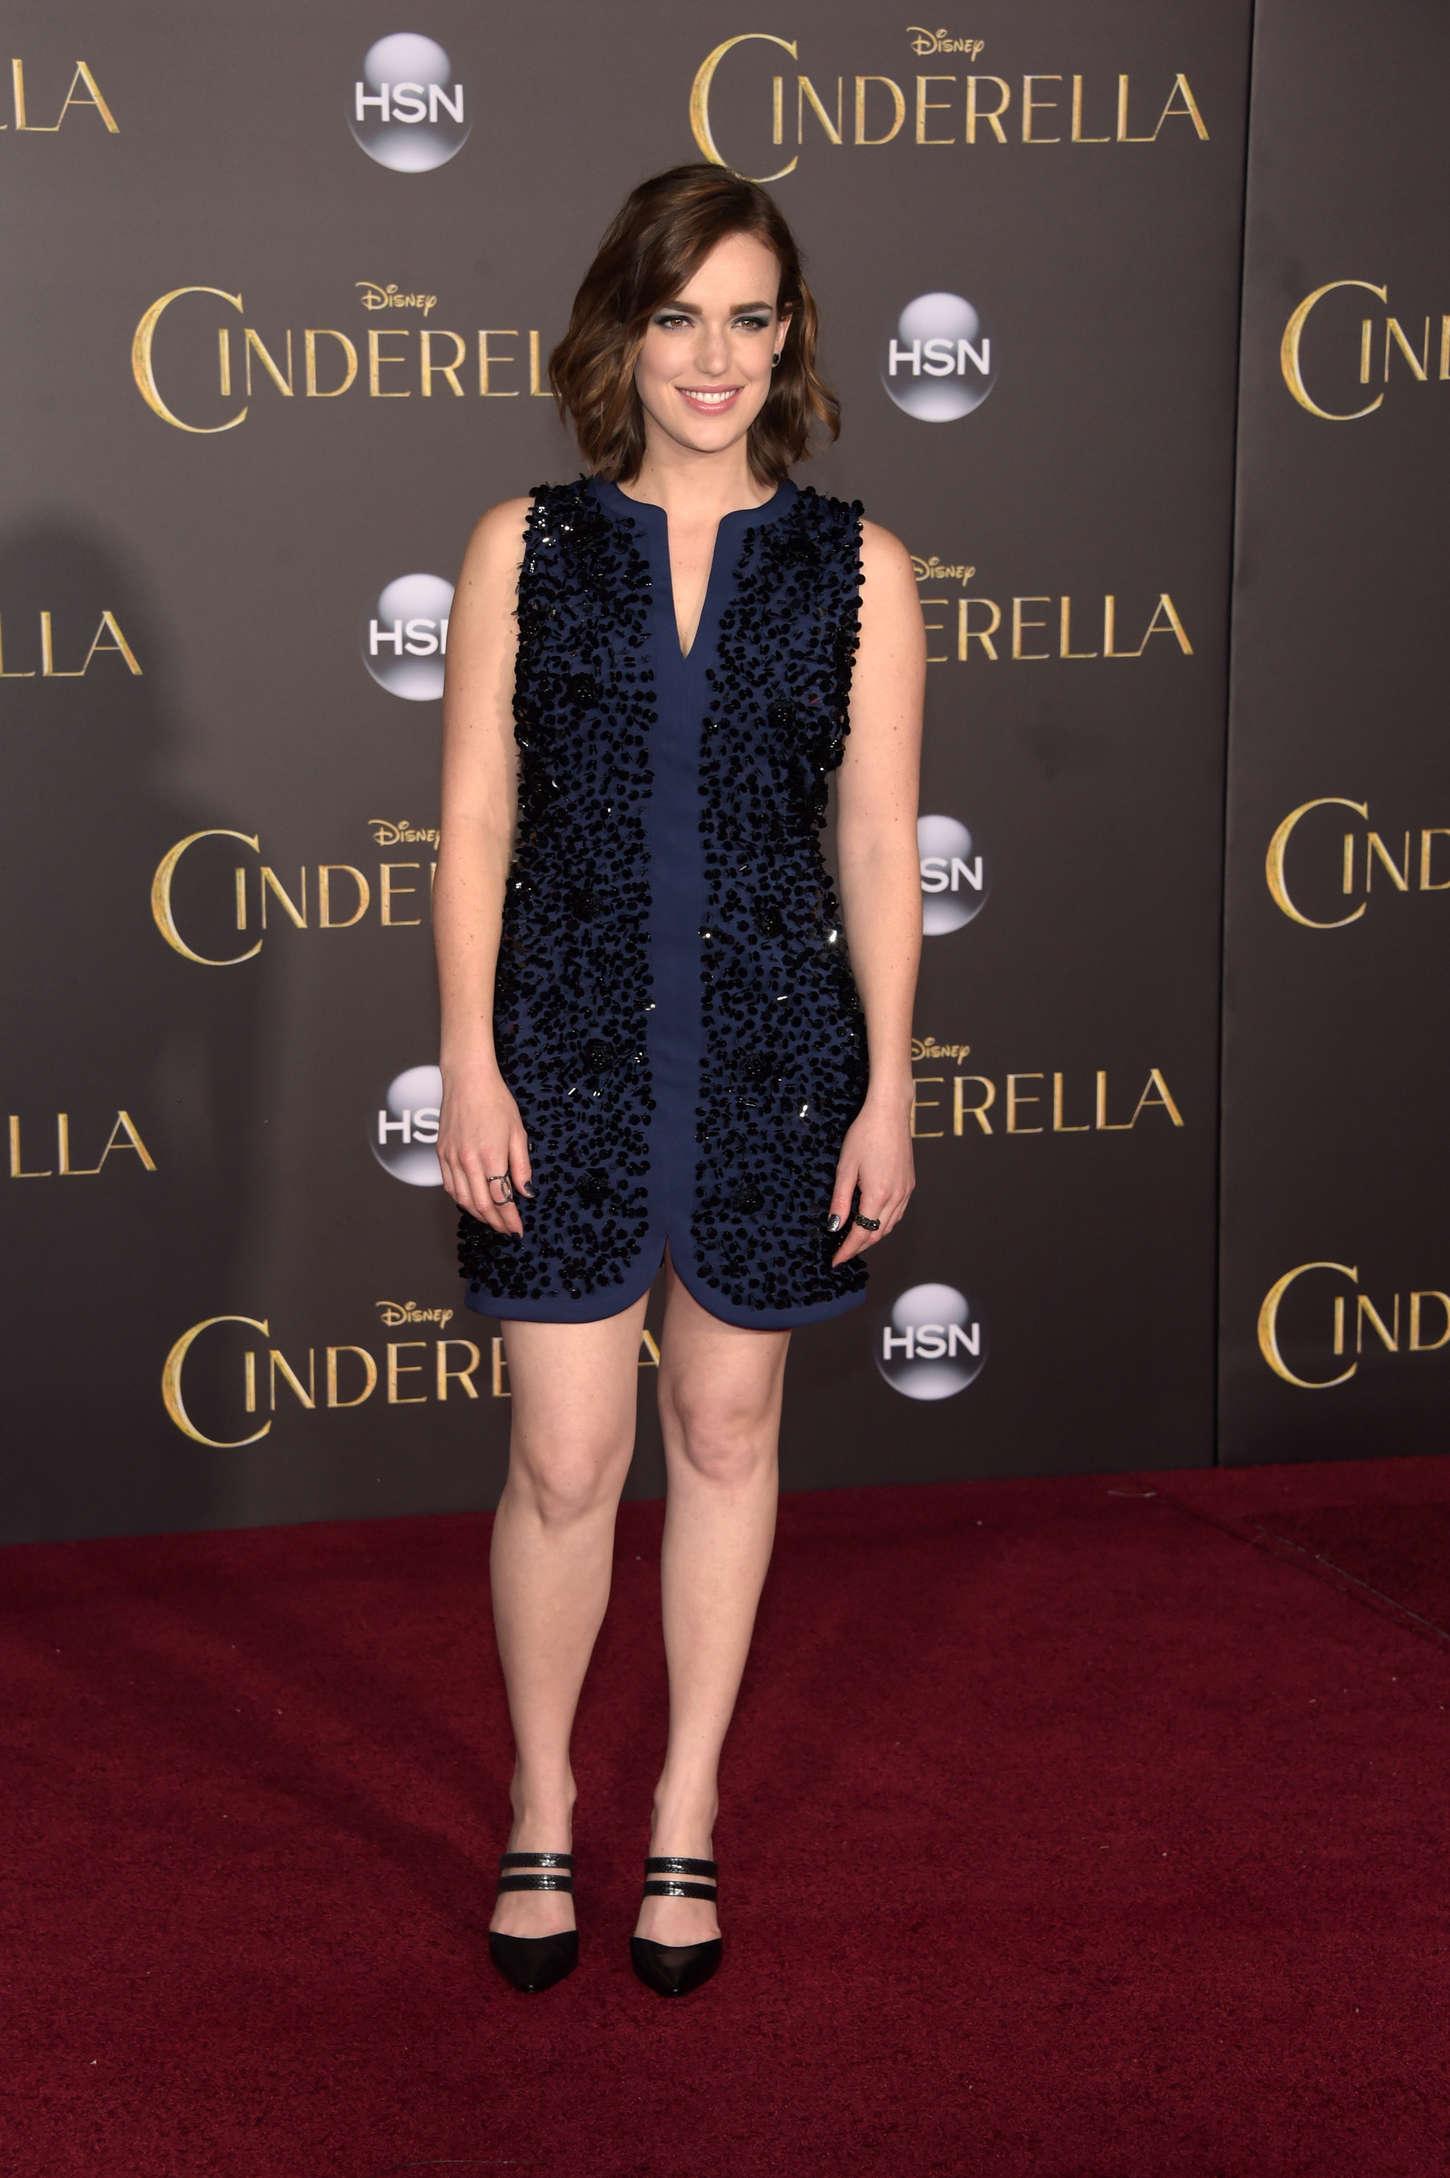 Elizabeth Henstridge: Cinderella Premiere -05 - GotCeleb